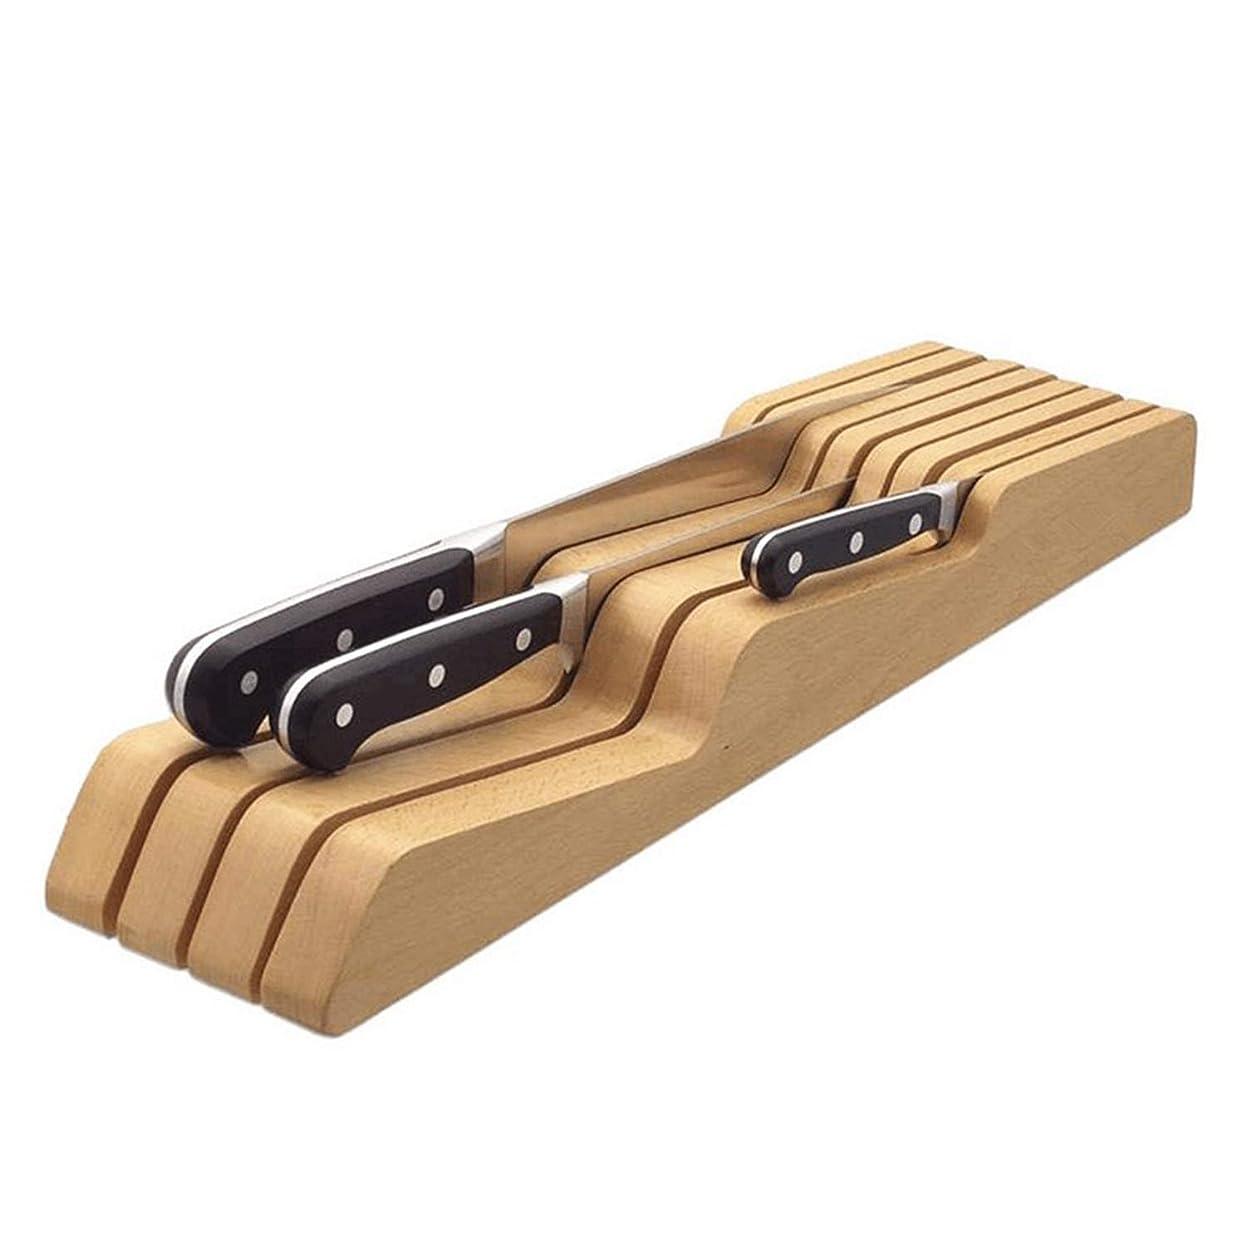 集めるアブセイとしてSAVORLIVING ナイフブロック 引き出し ナイフなし 木製ナイフホルダー ナイフオーガナイザー キッチンナイフストレージトレイ 7スロット